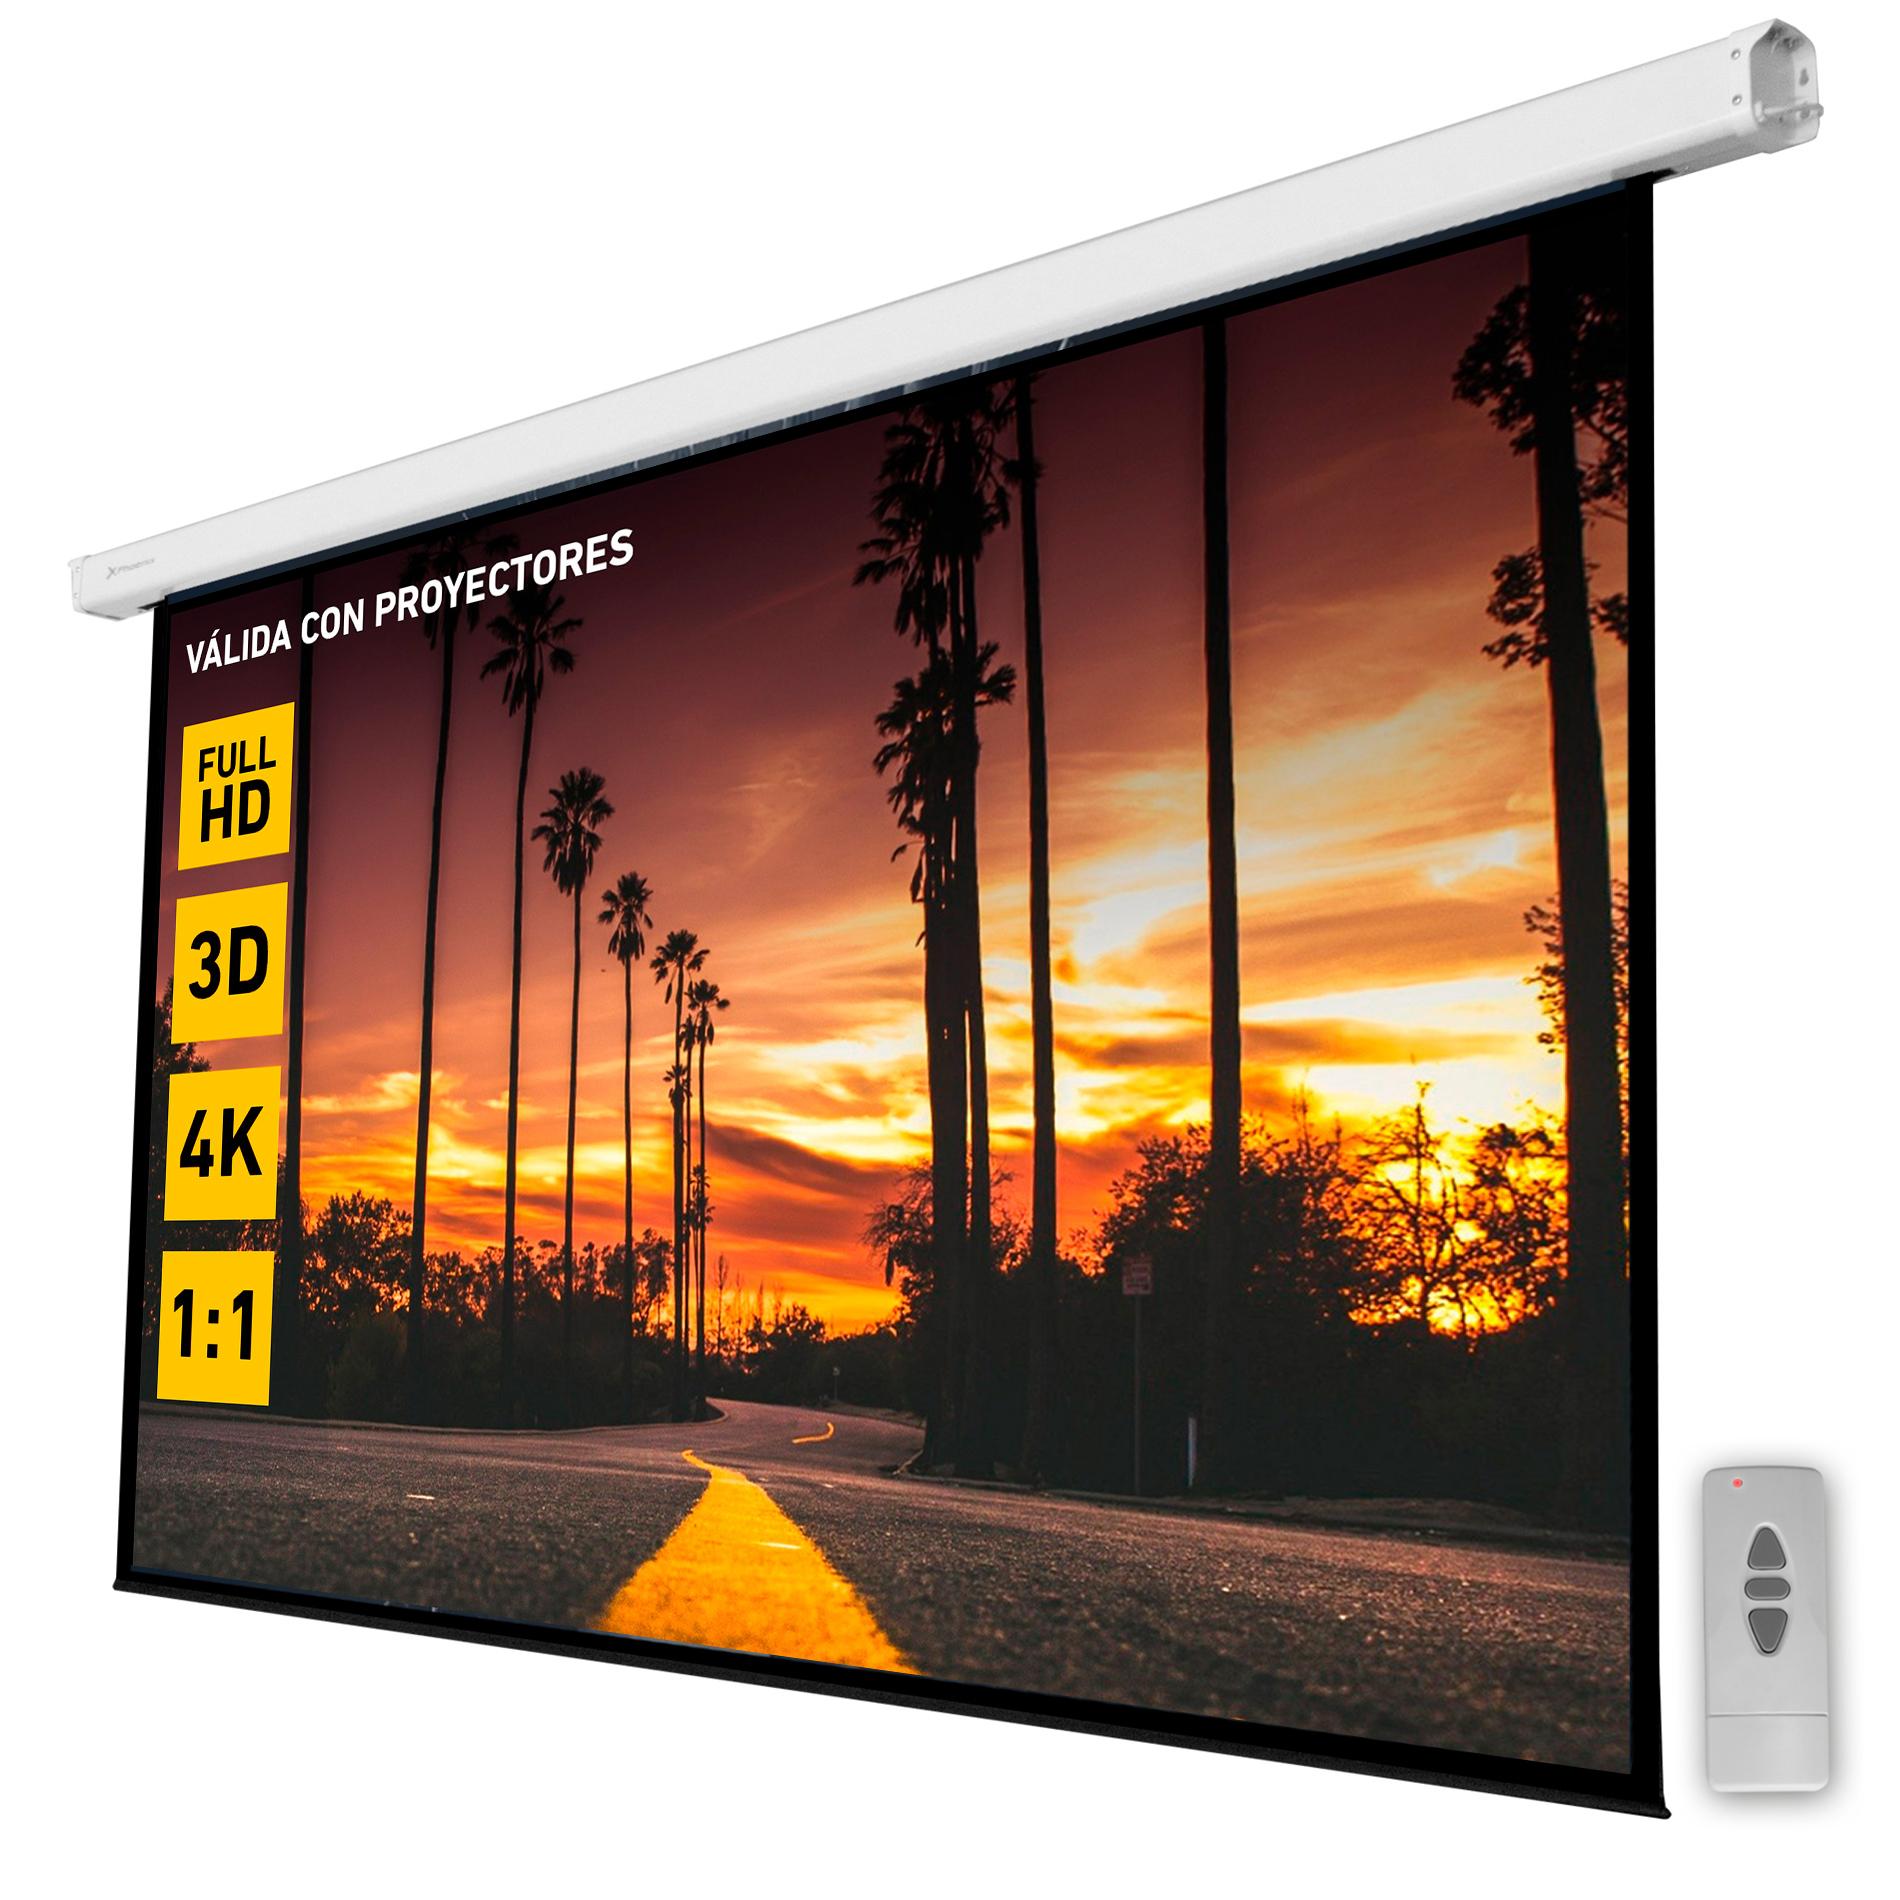 Pantalla electrica videoproyector pared y techo phoenix phpantalla - 350elec 197pulgadas ratio 1:1 - 16:9 - 4:3 3.5m x 3.5m posicion ajustable - carca